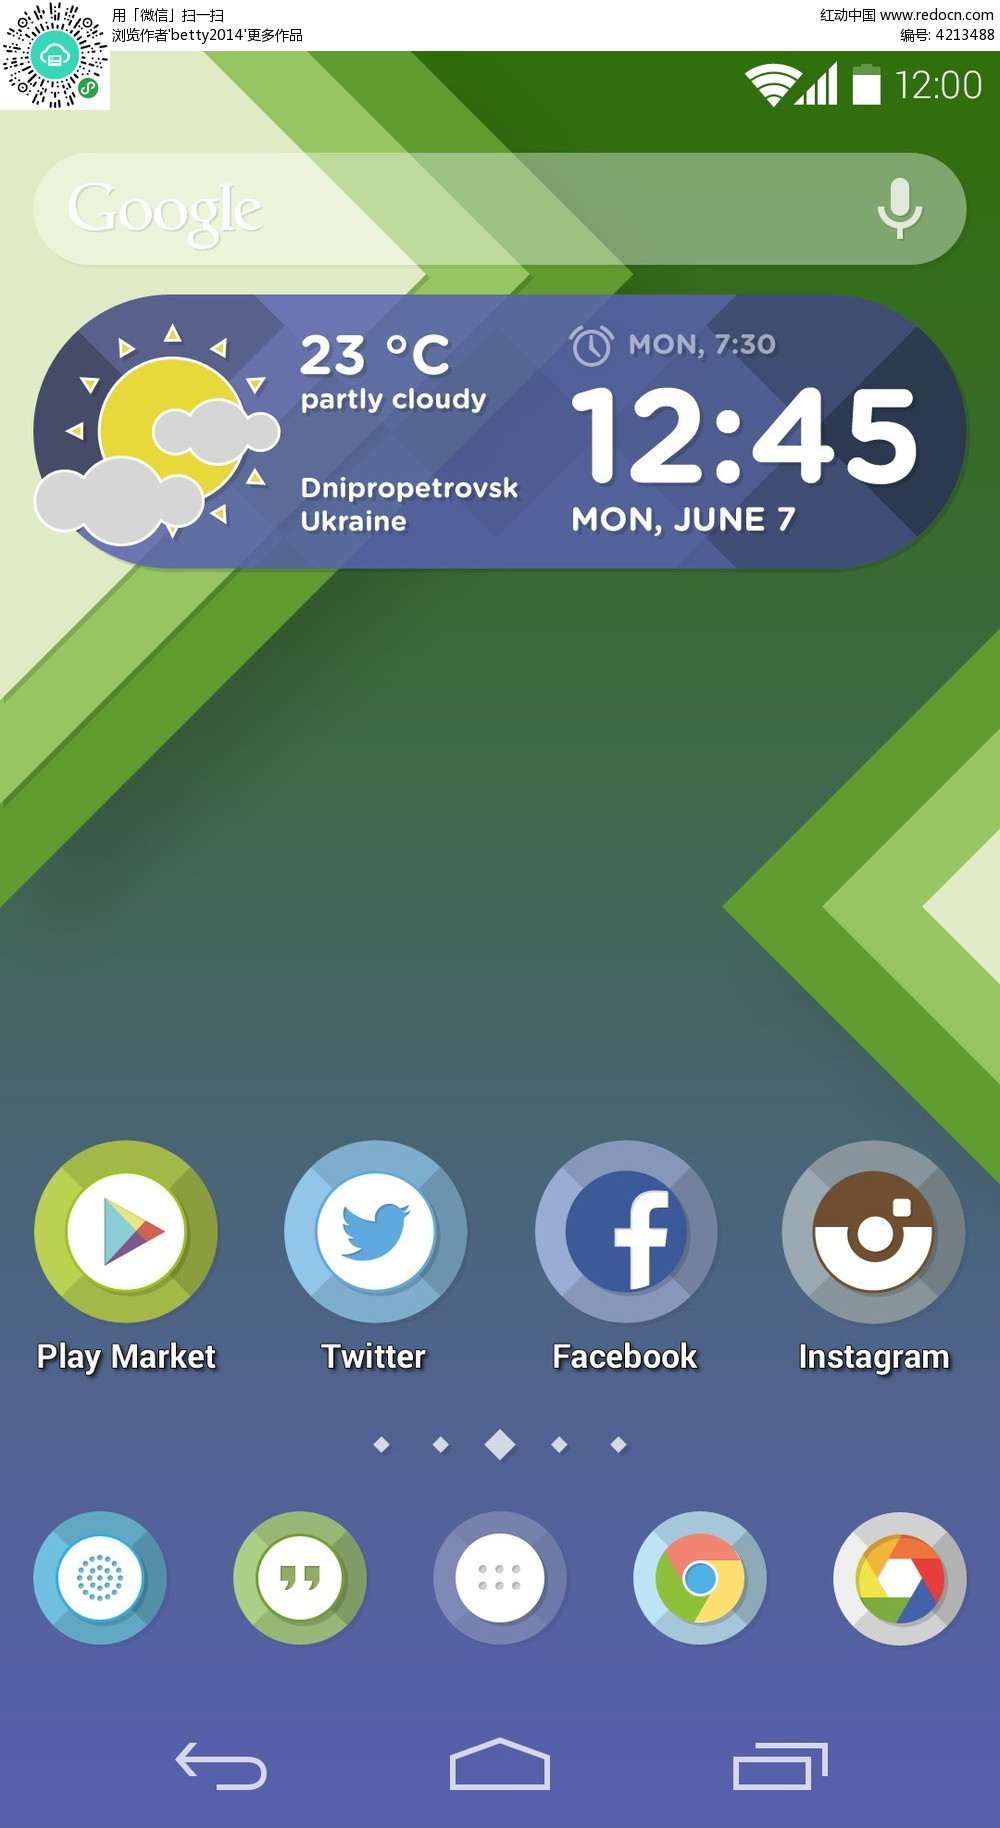 手机桌面图标及背景图片